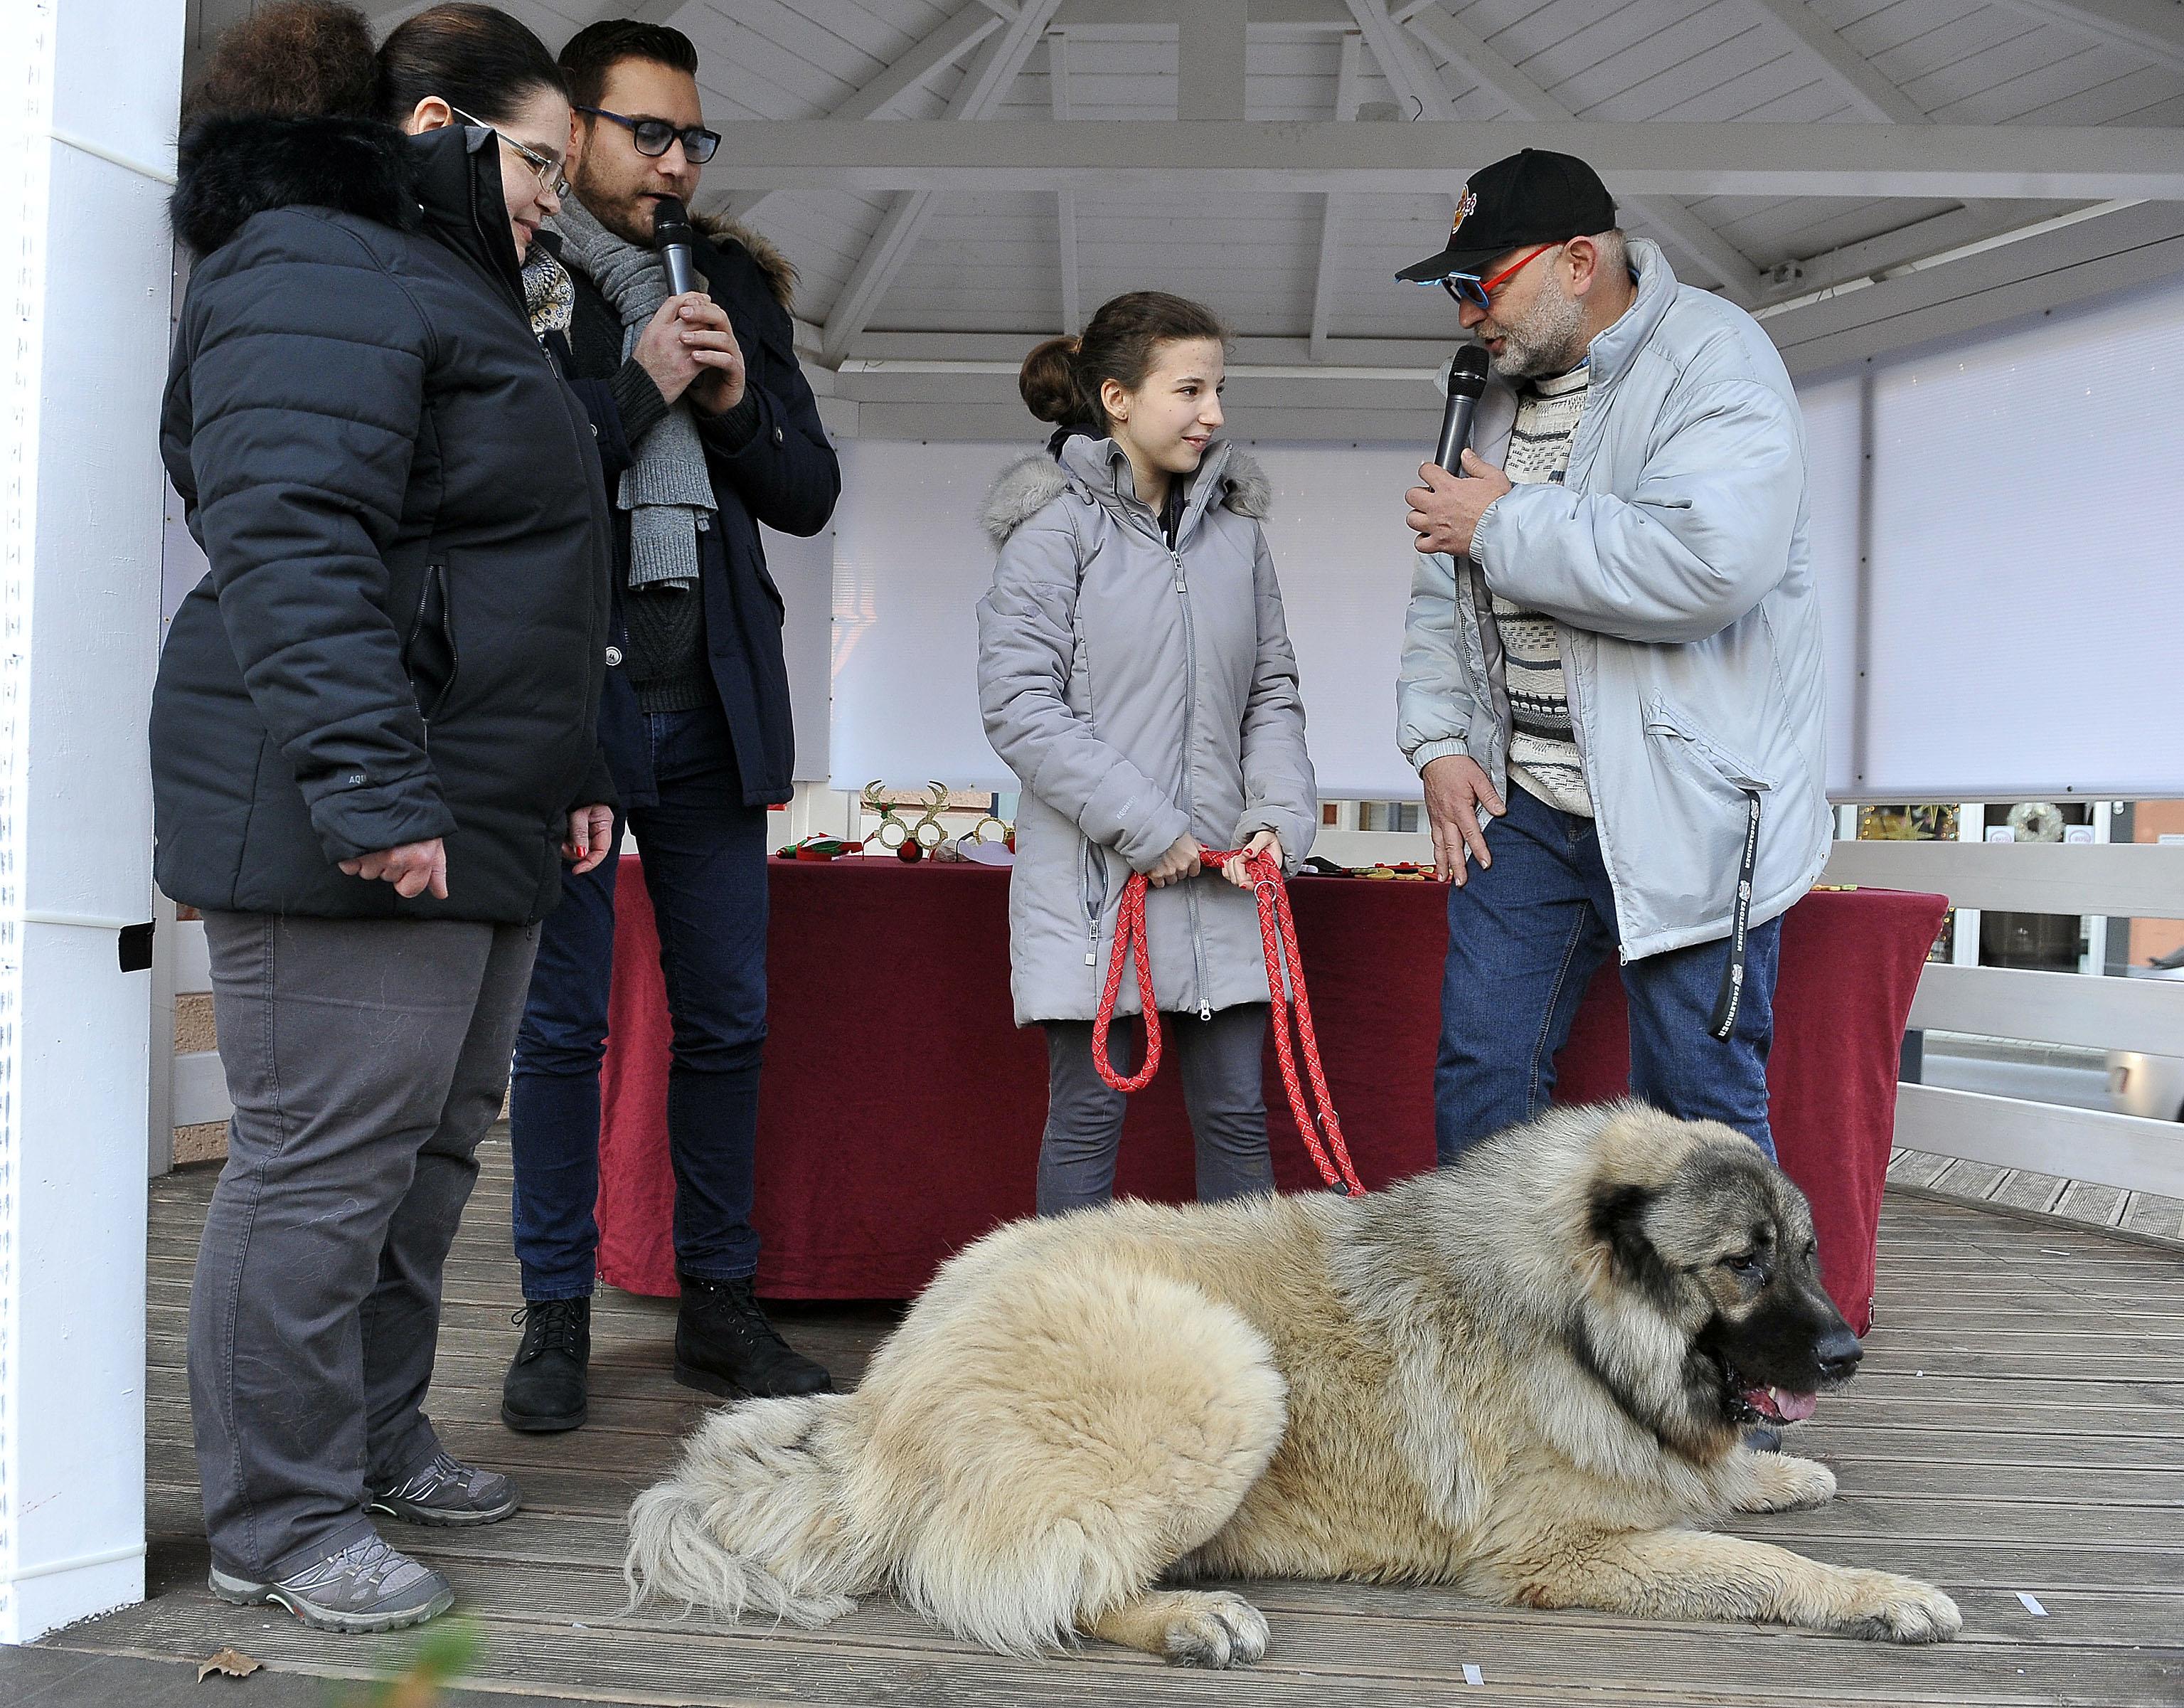 Najveću pažnju privukao je kavkaski ovčar Koda, težak 80 kilograma / Snimio Roni BRMALJ